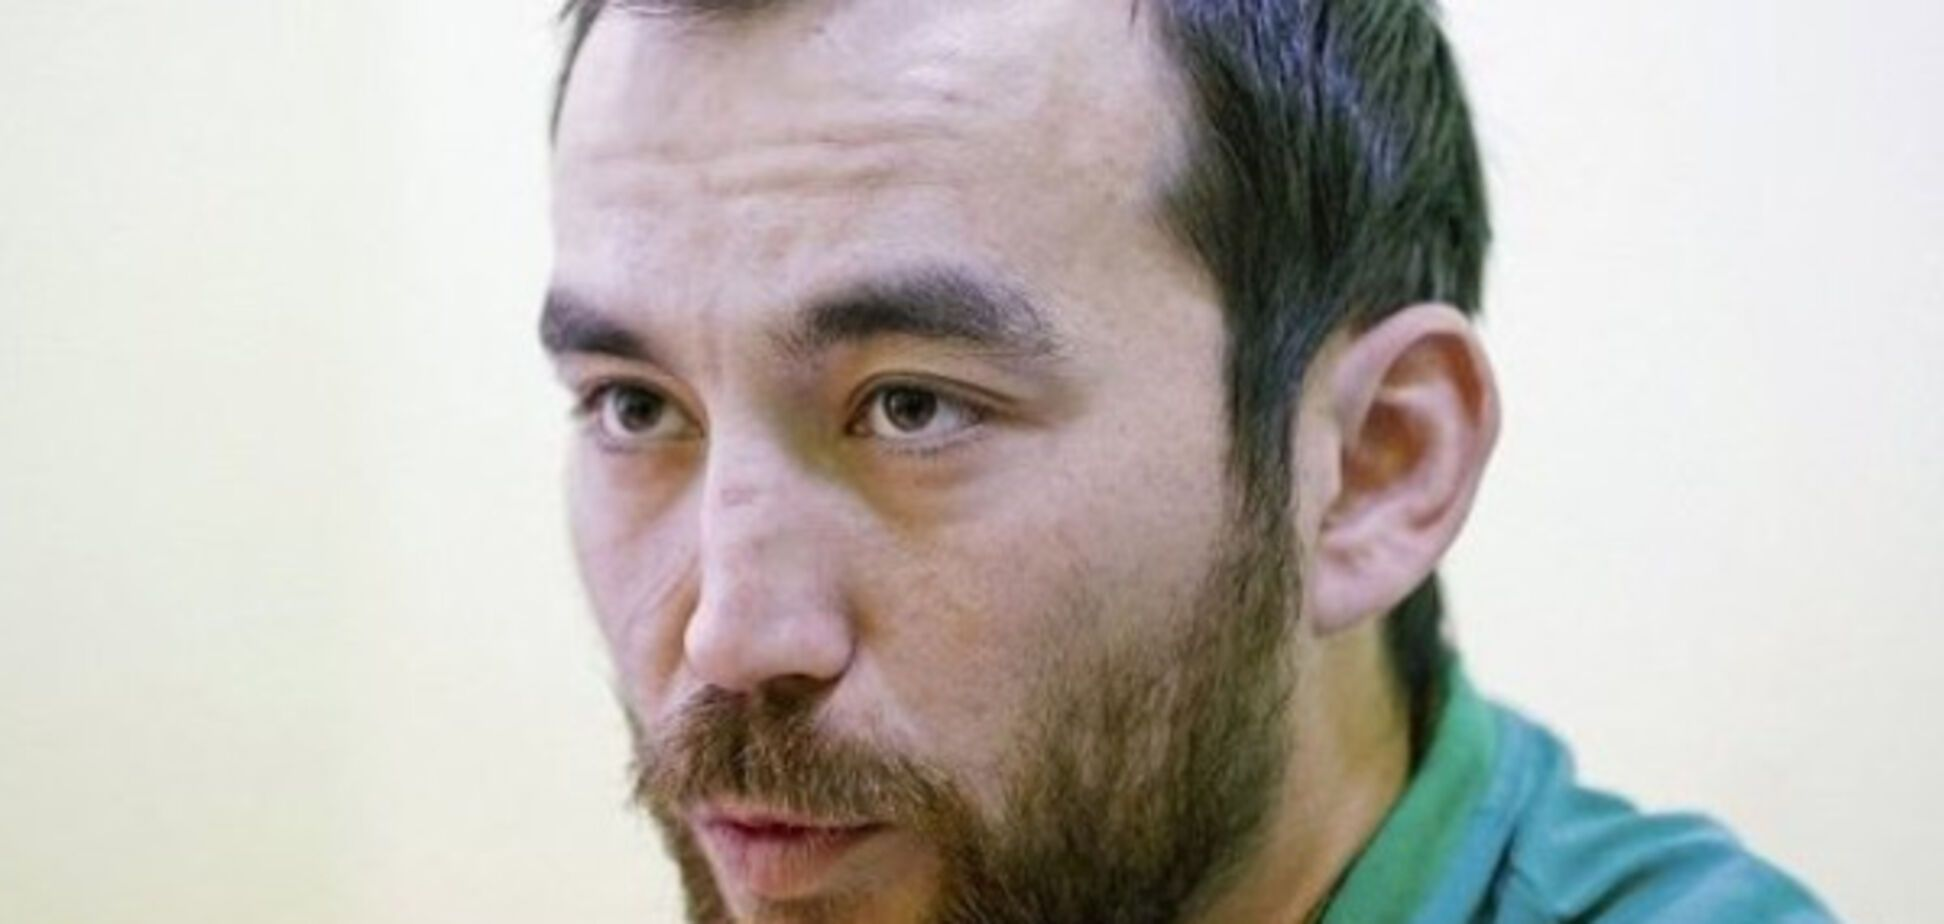 Євген Єрофєєв, ГРУшник